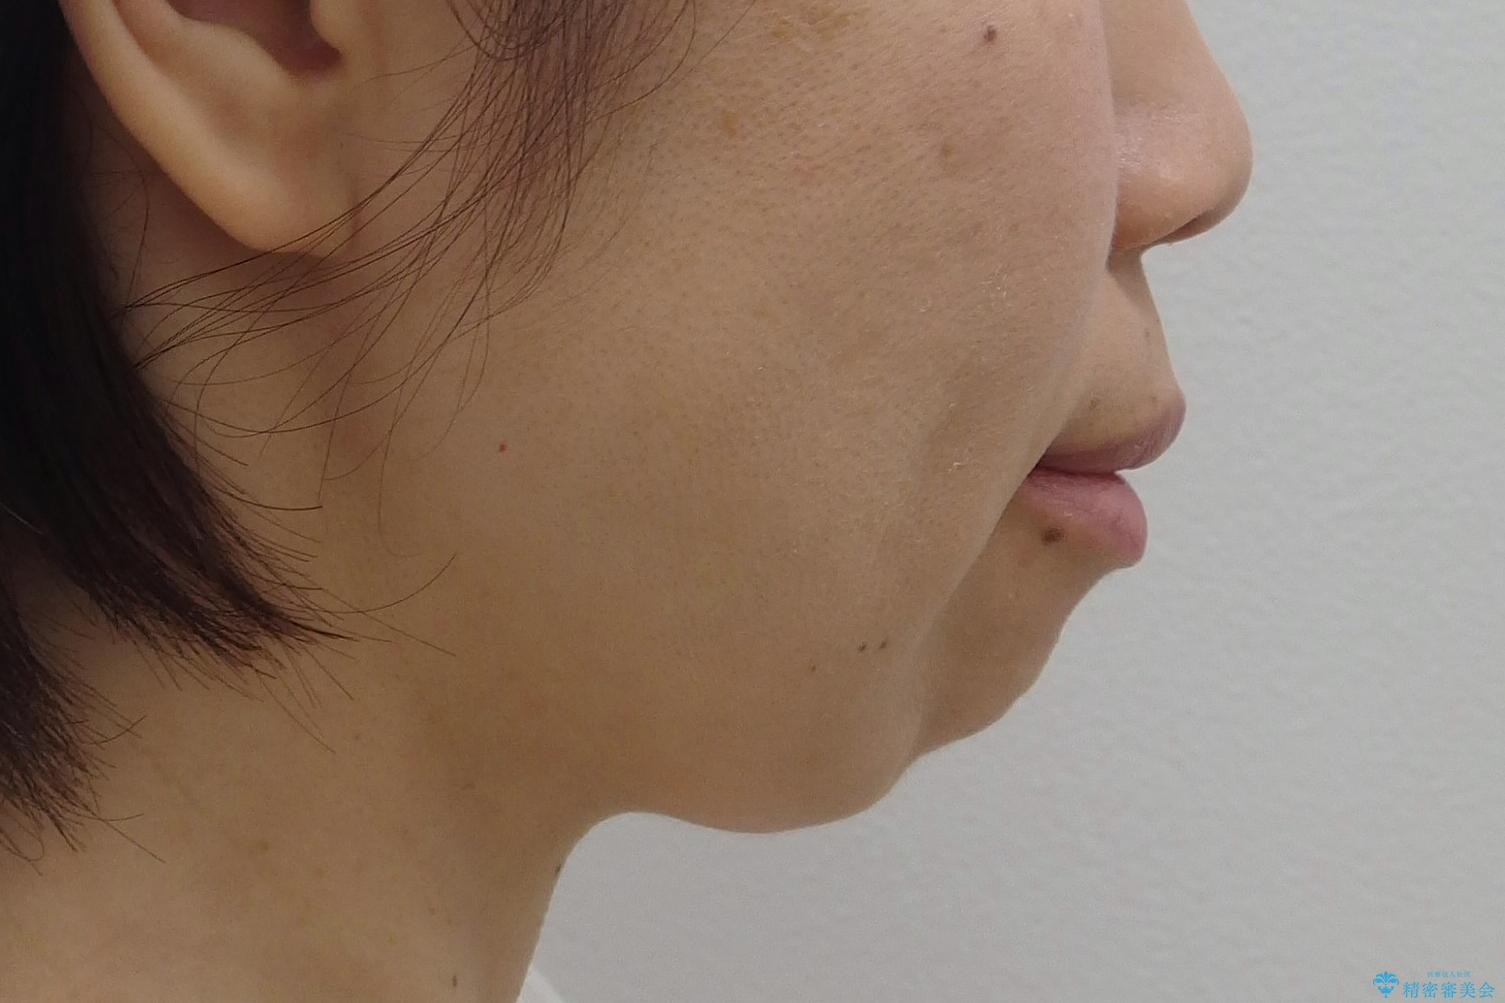 口ゴボでお悩みの方必見! 不自然なセラミックをやり直す矯正 セラミックだけでは、口元は下がりません。の治療前(顔貌)